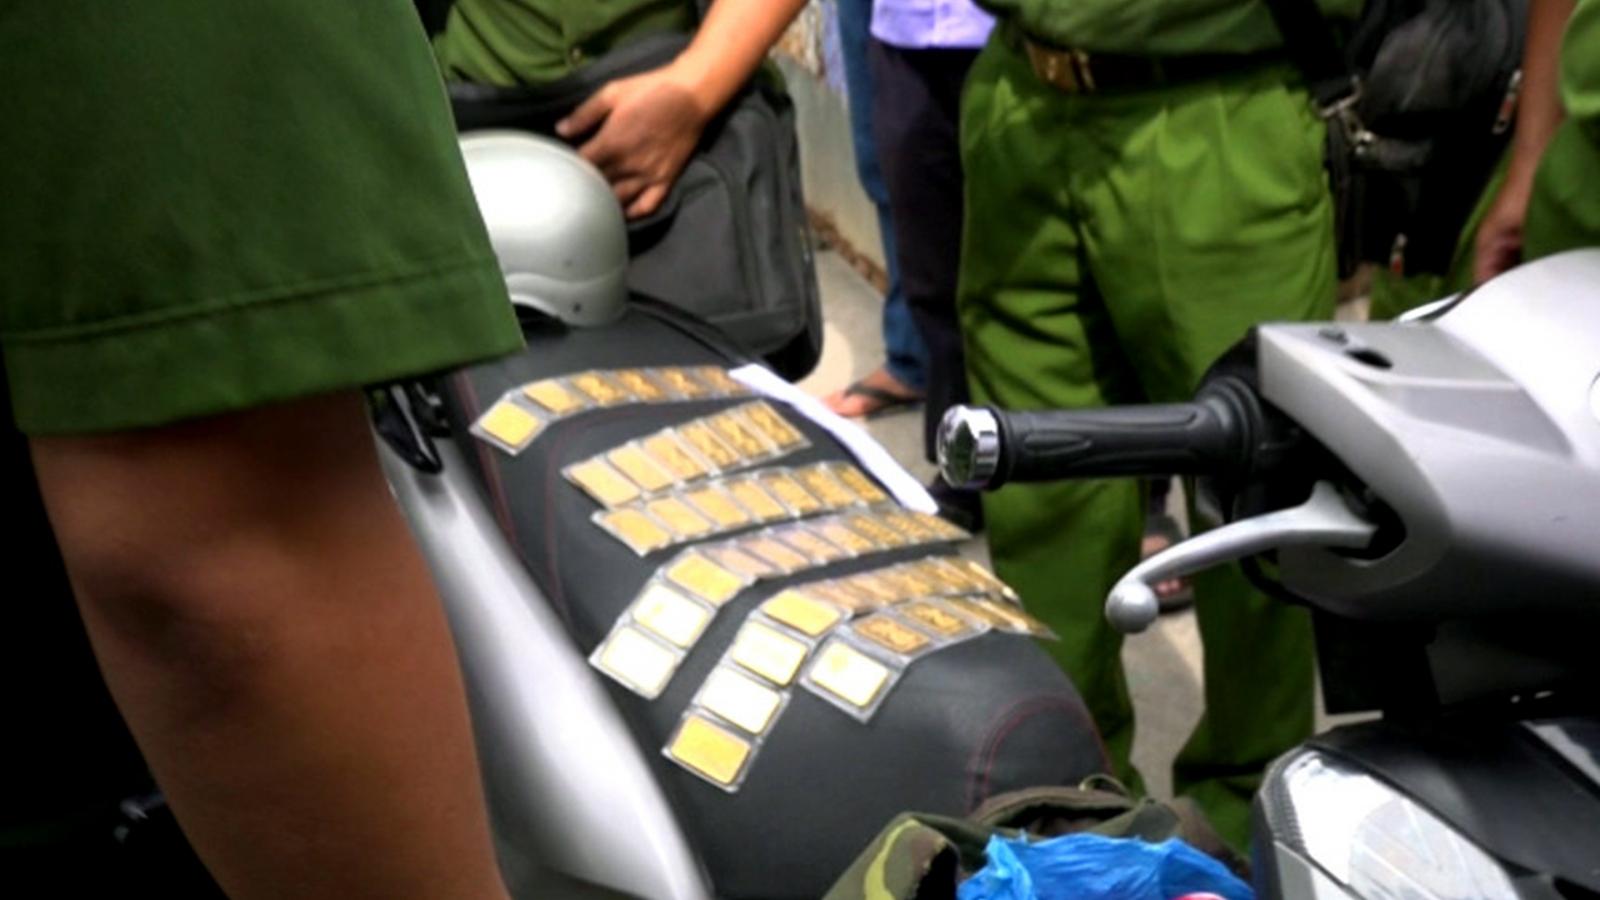 Cựu Giám đốc Sở bị trộm 66 lượng vàng và 35.000 USD: Củng cố hồ sơ khởi tố bị can